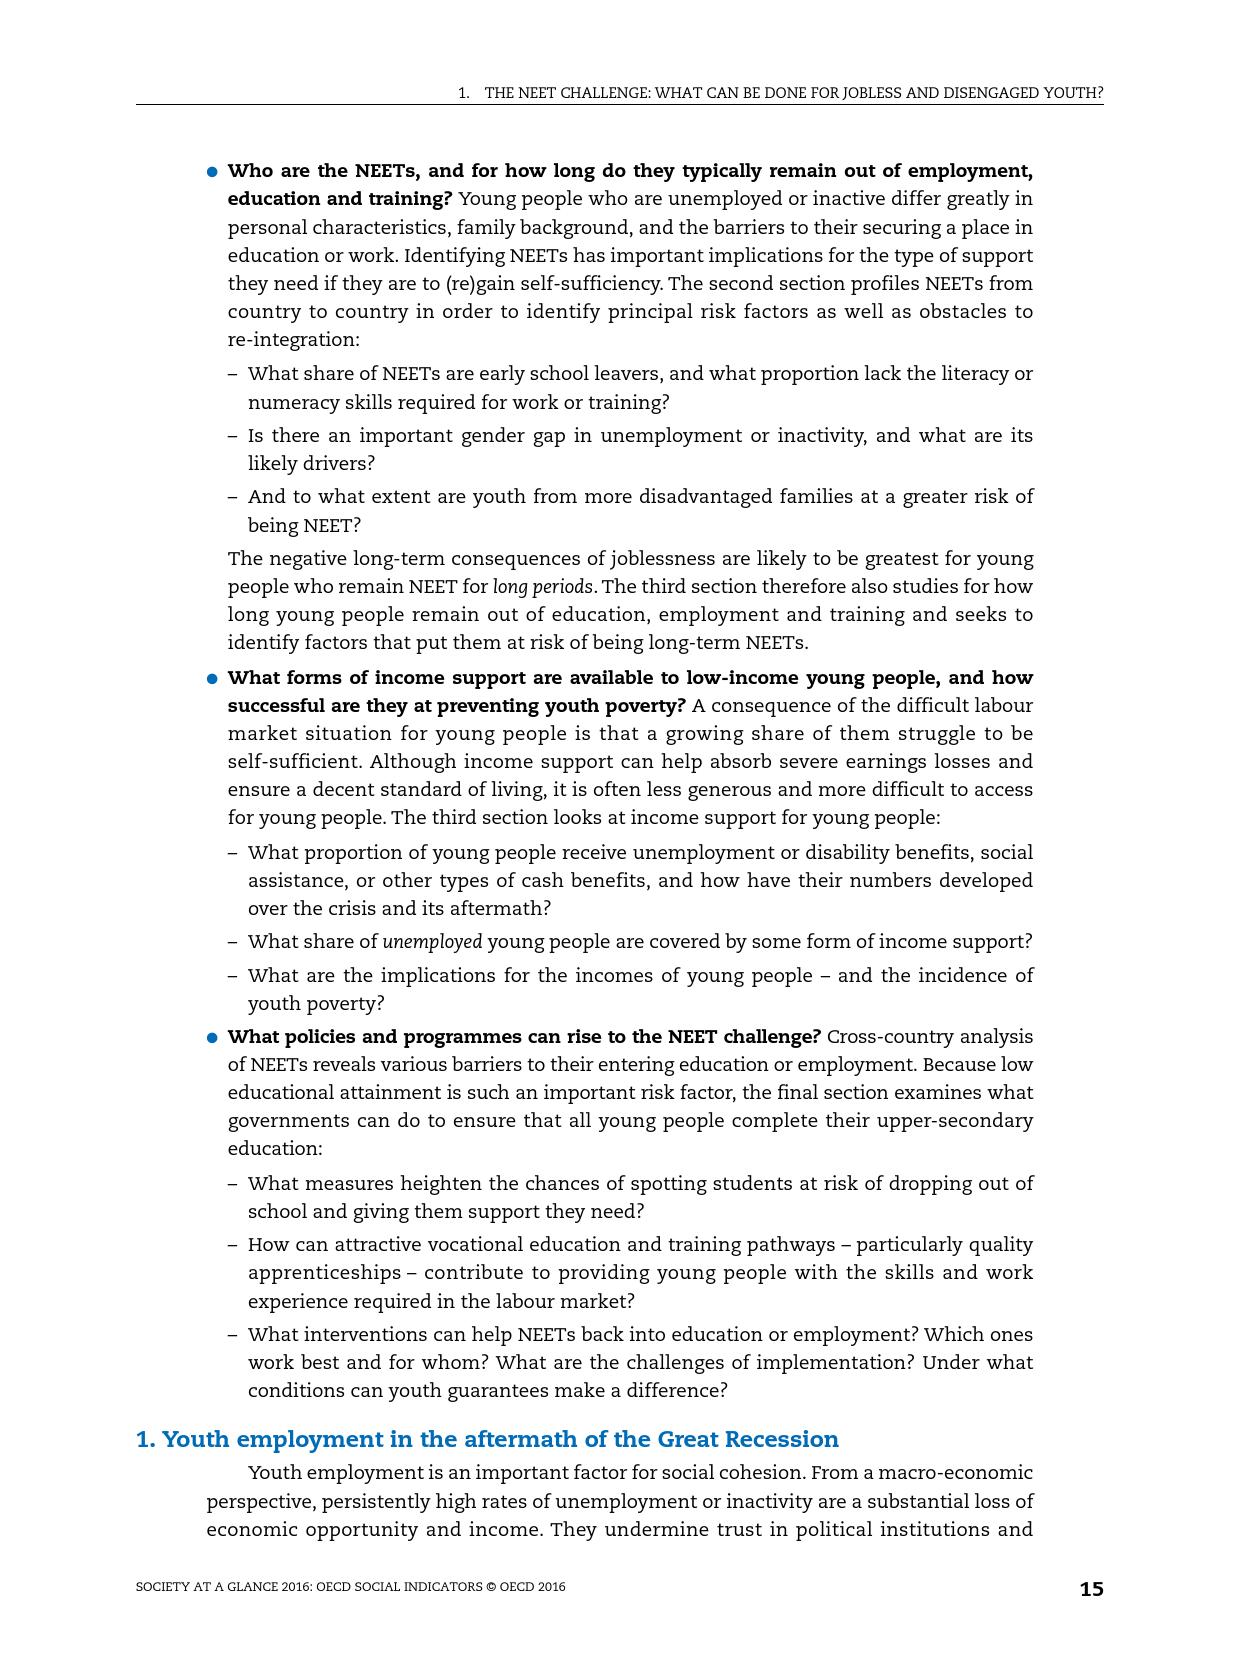 2016年OECD国家社会概览报告_000017